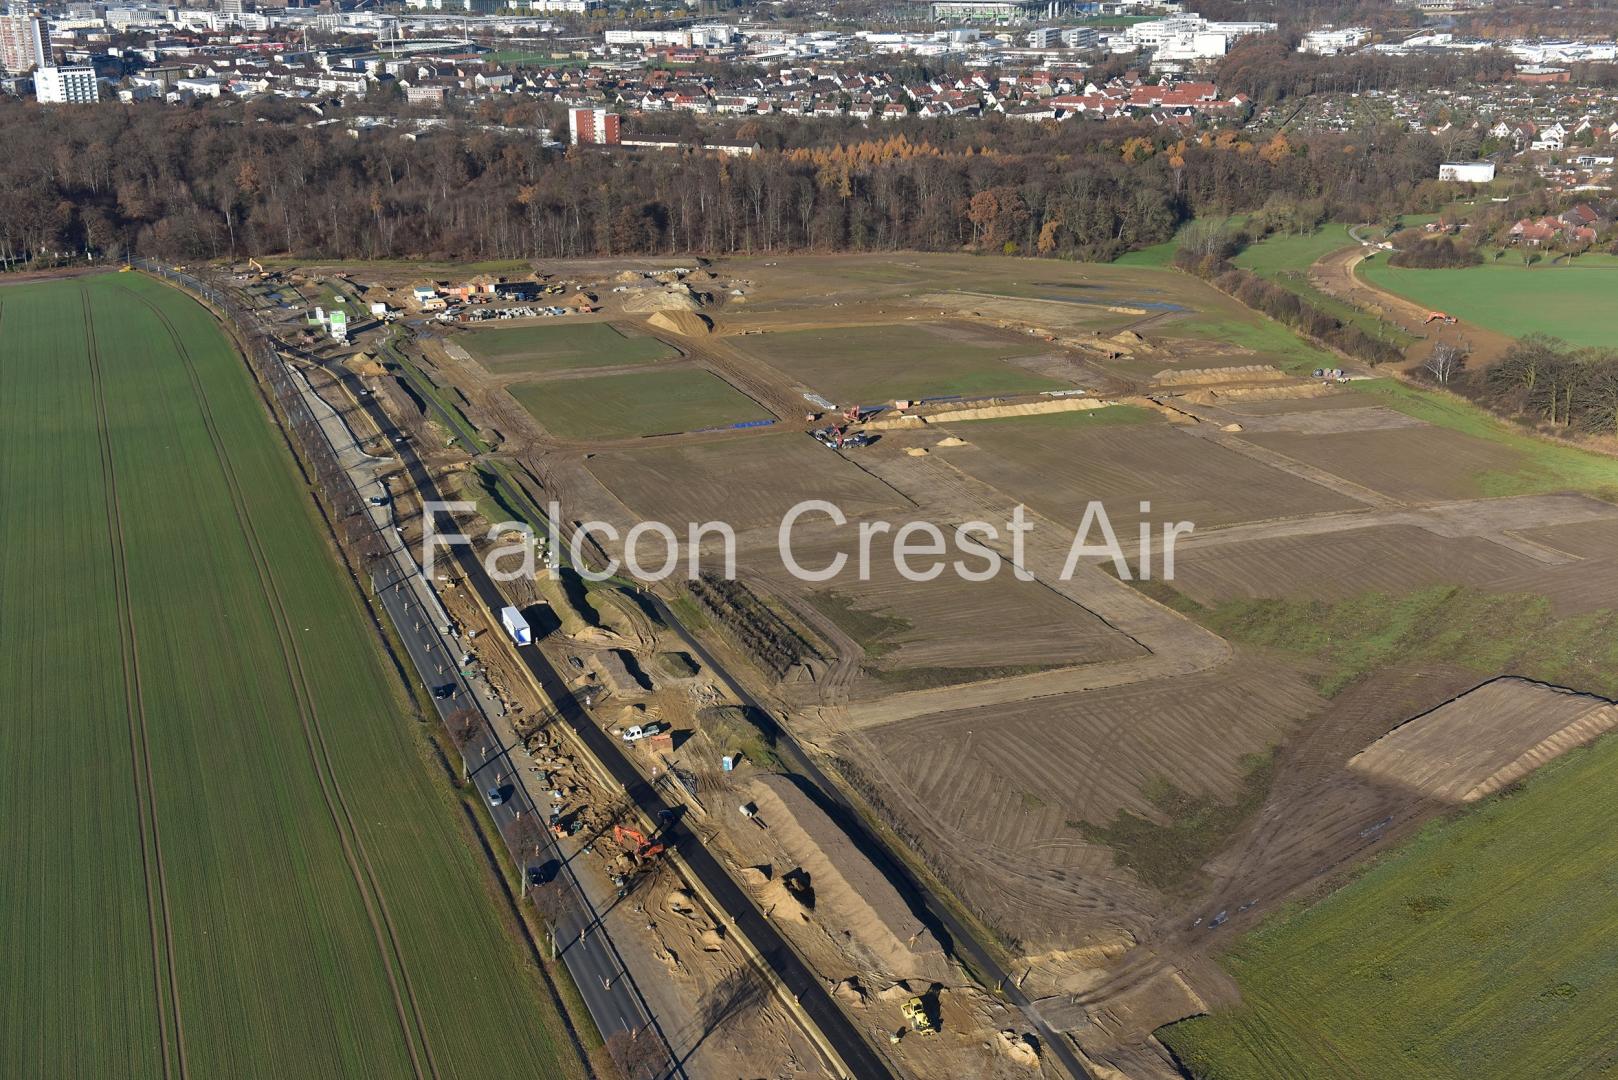 Falconcrest.com - Luftbilder und Luftbildvideos - Wolfsburg Trends